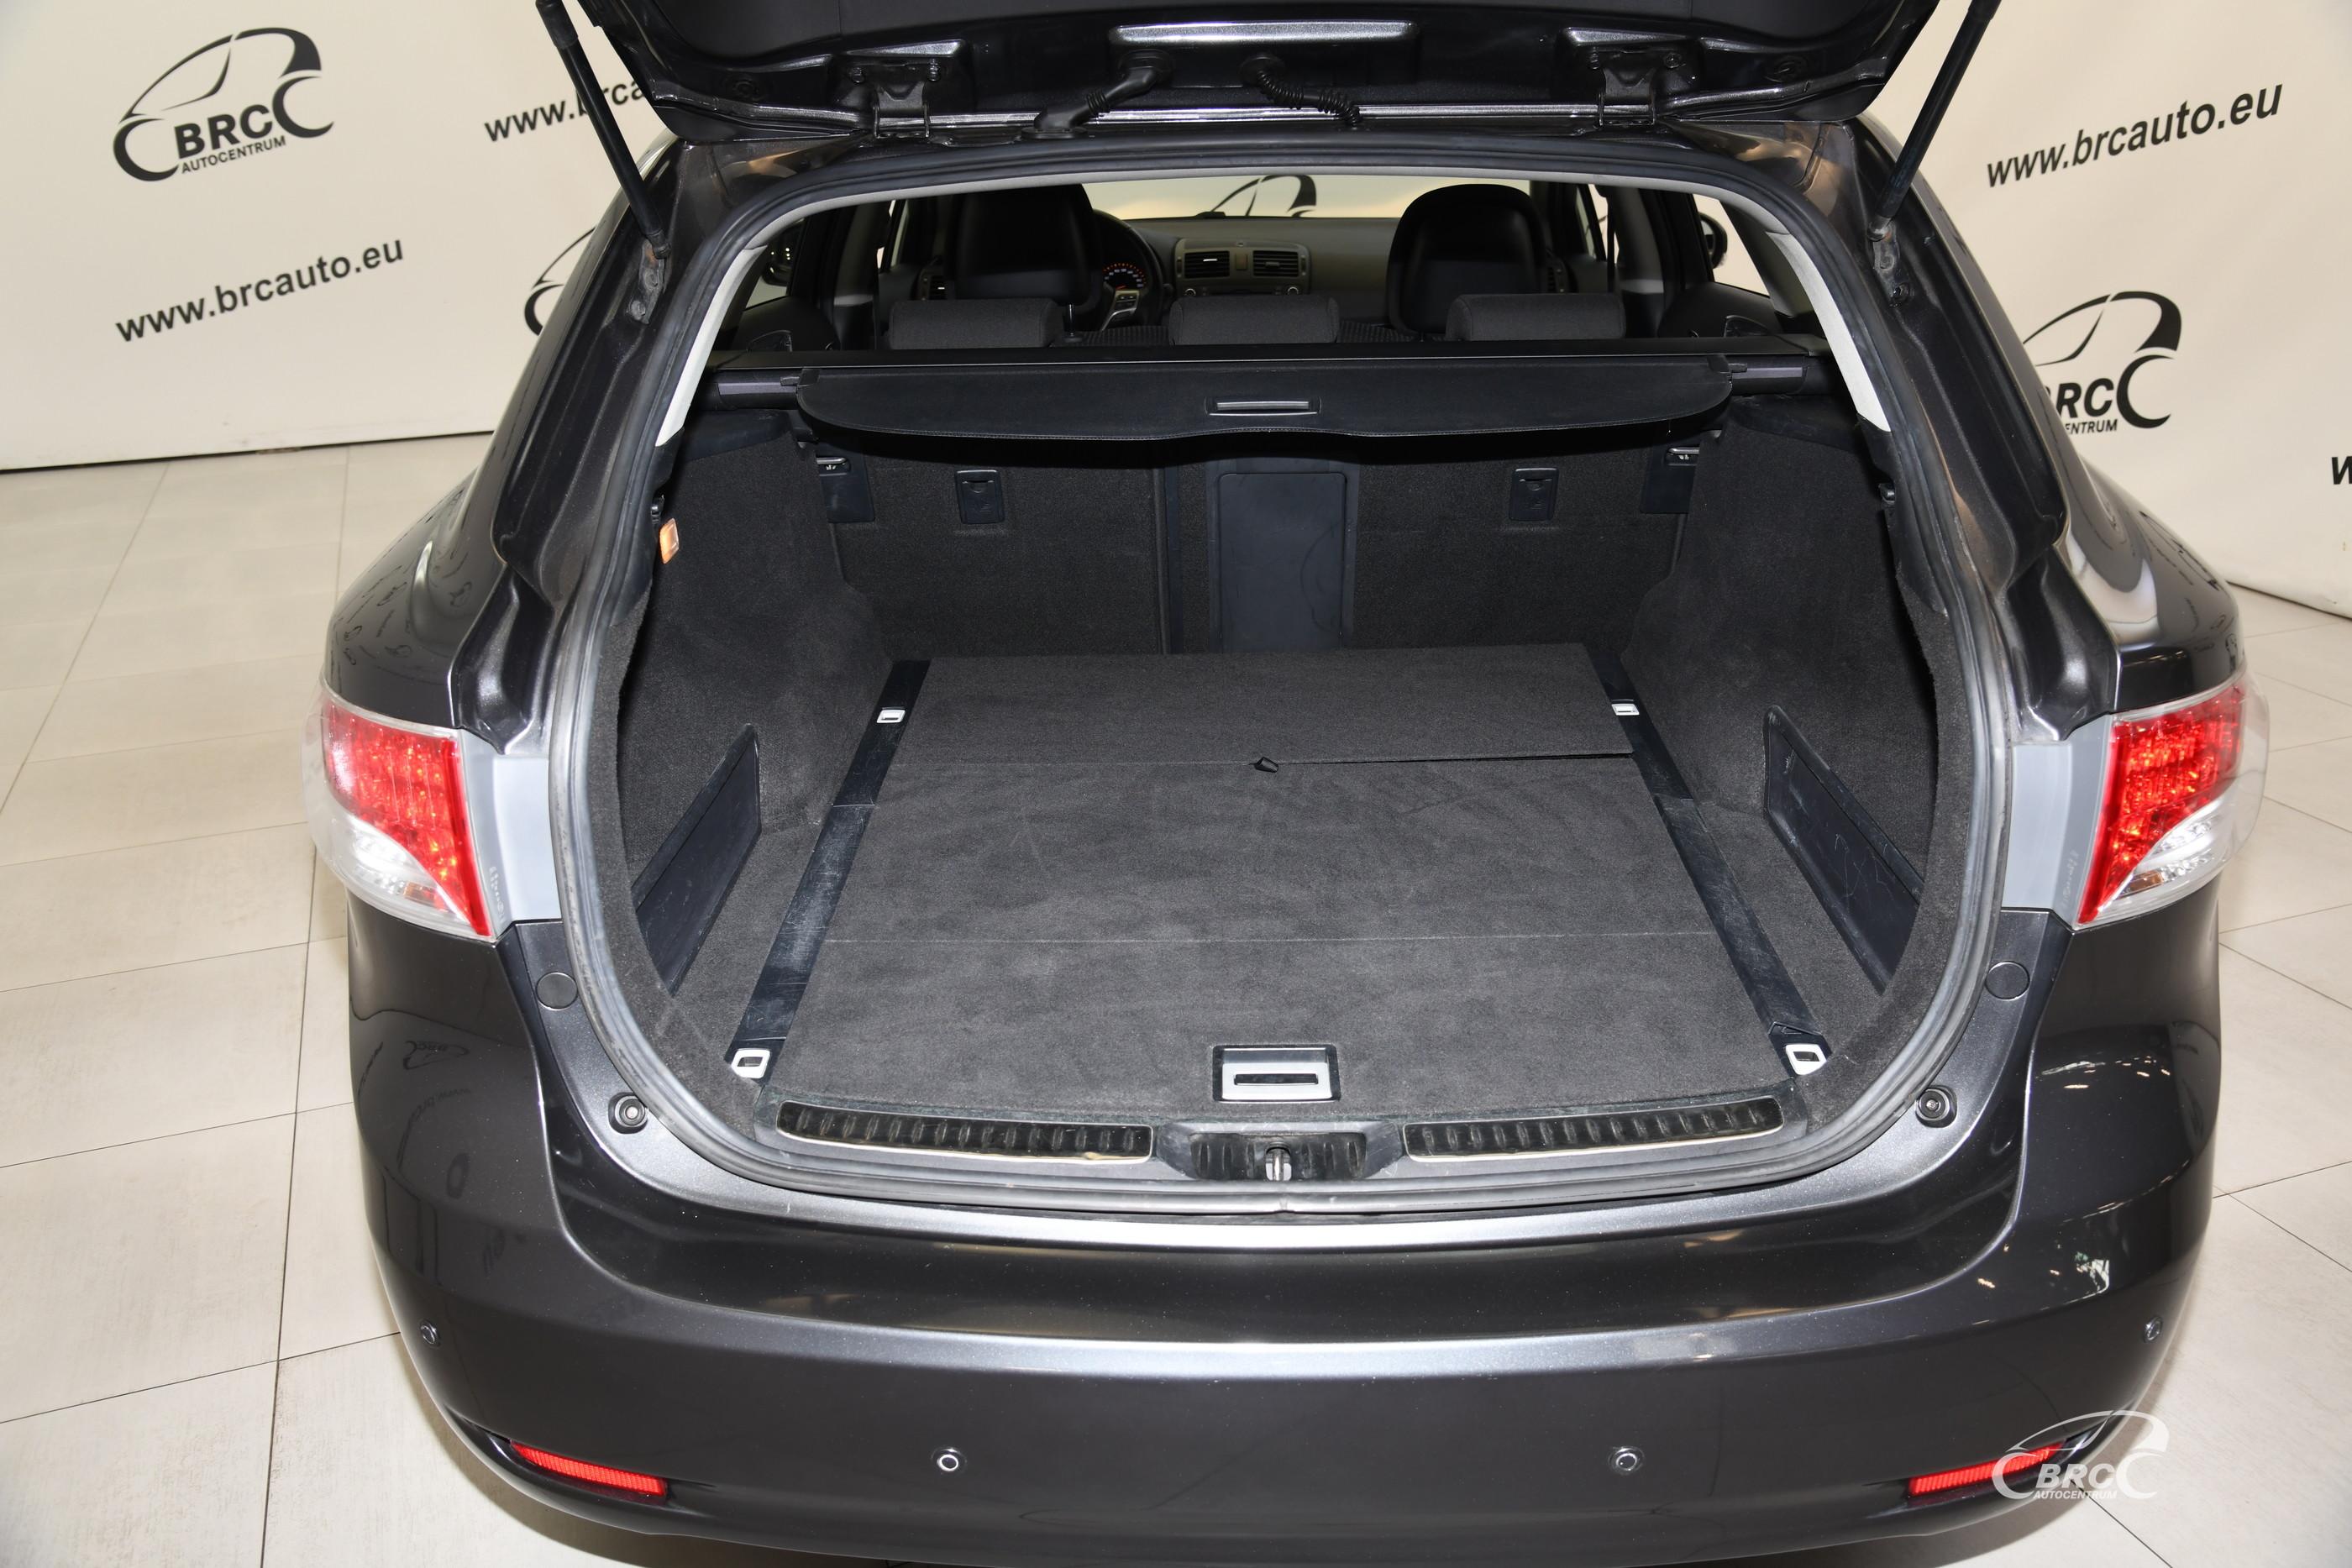 Toyota Avensis 1.8 VVT-i Wagon